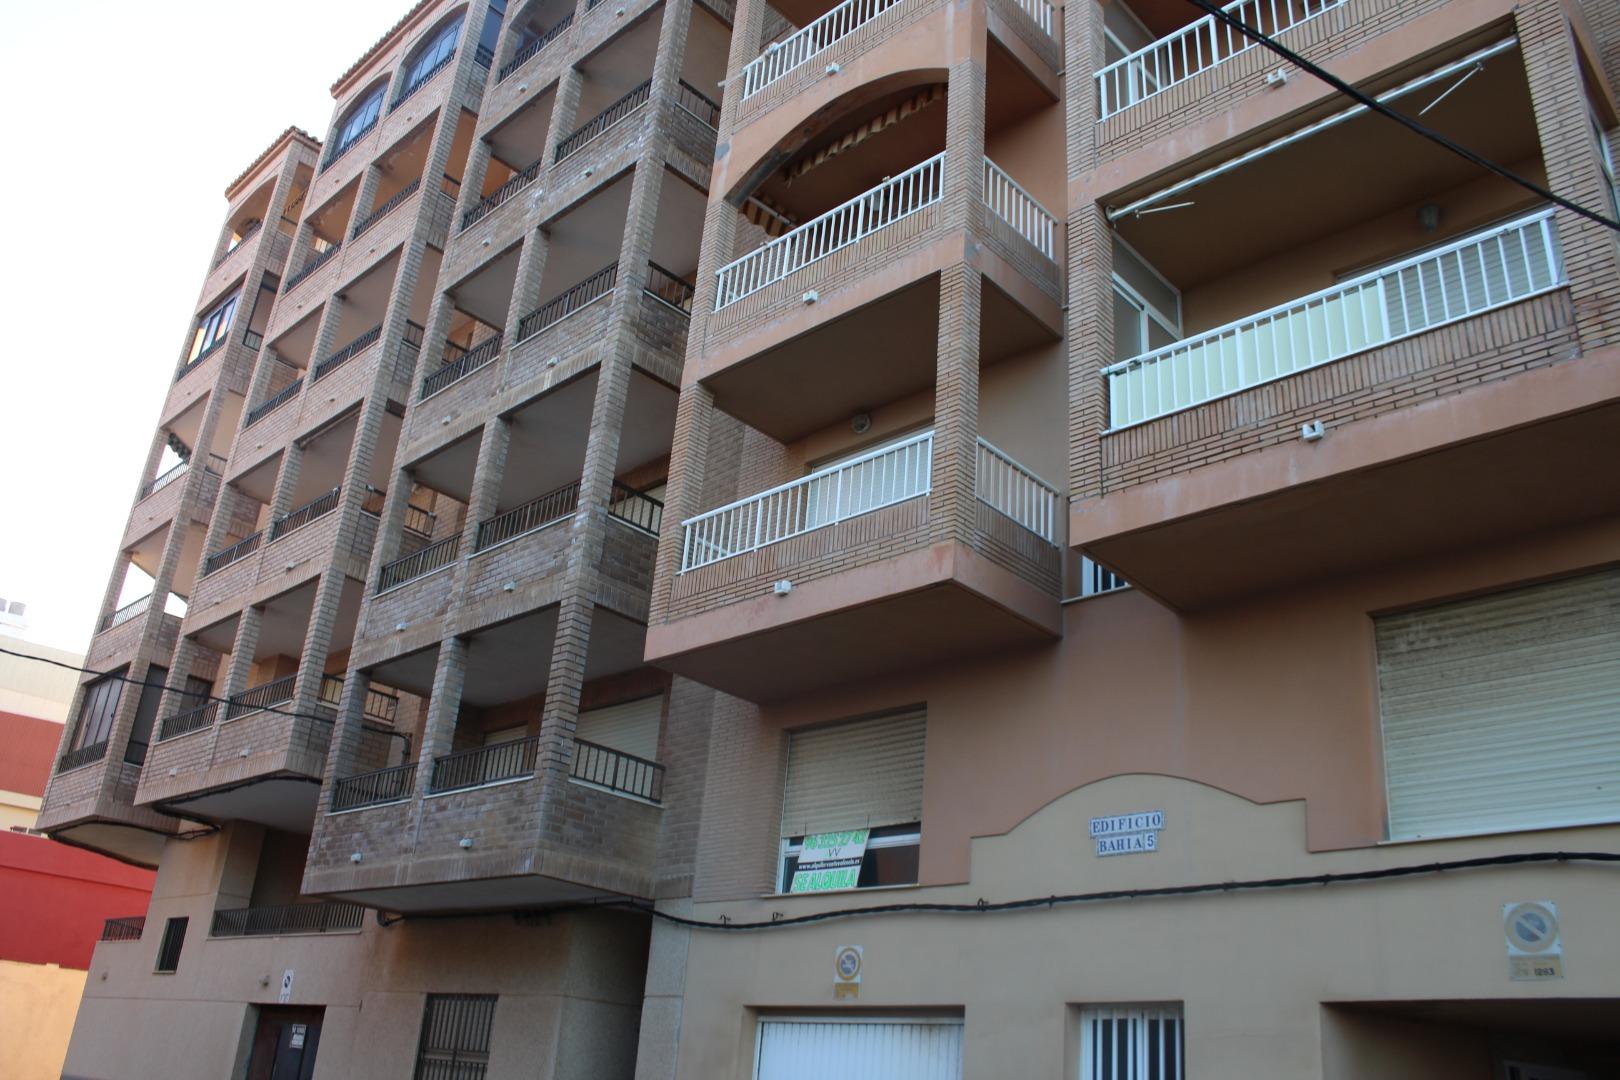 Alquiler Piso  Camino motilla. Apartamento zona playa, 4 hab, exterior, amueblado.